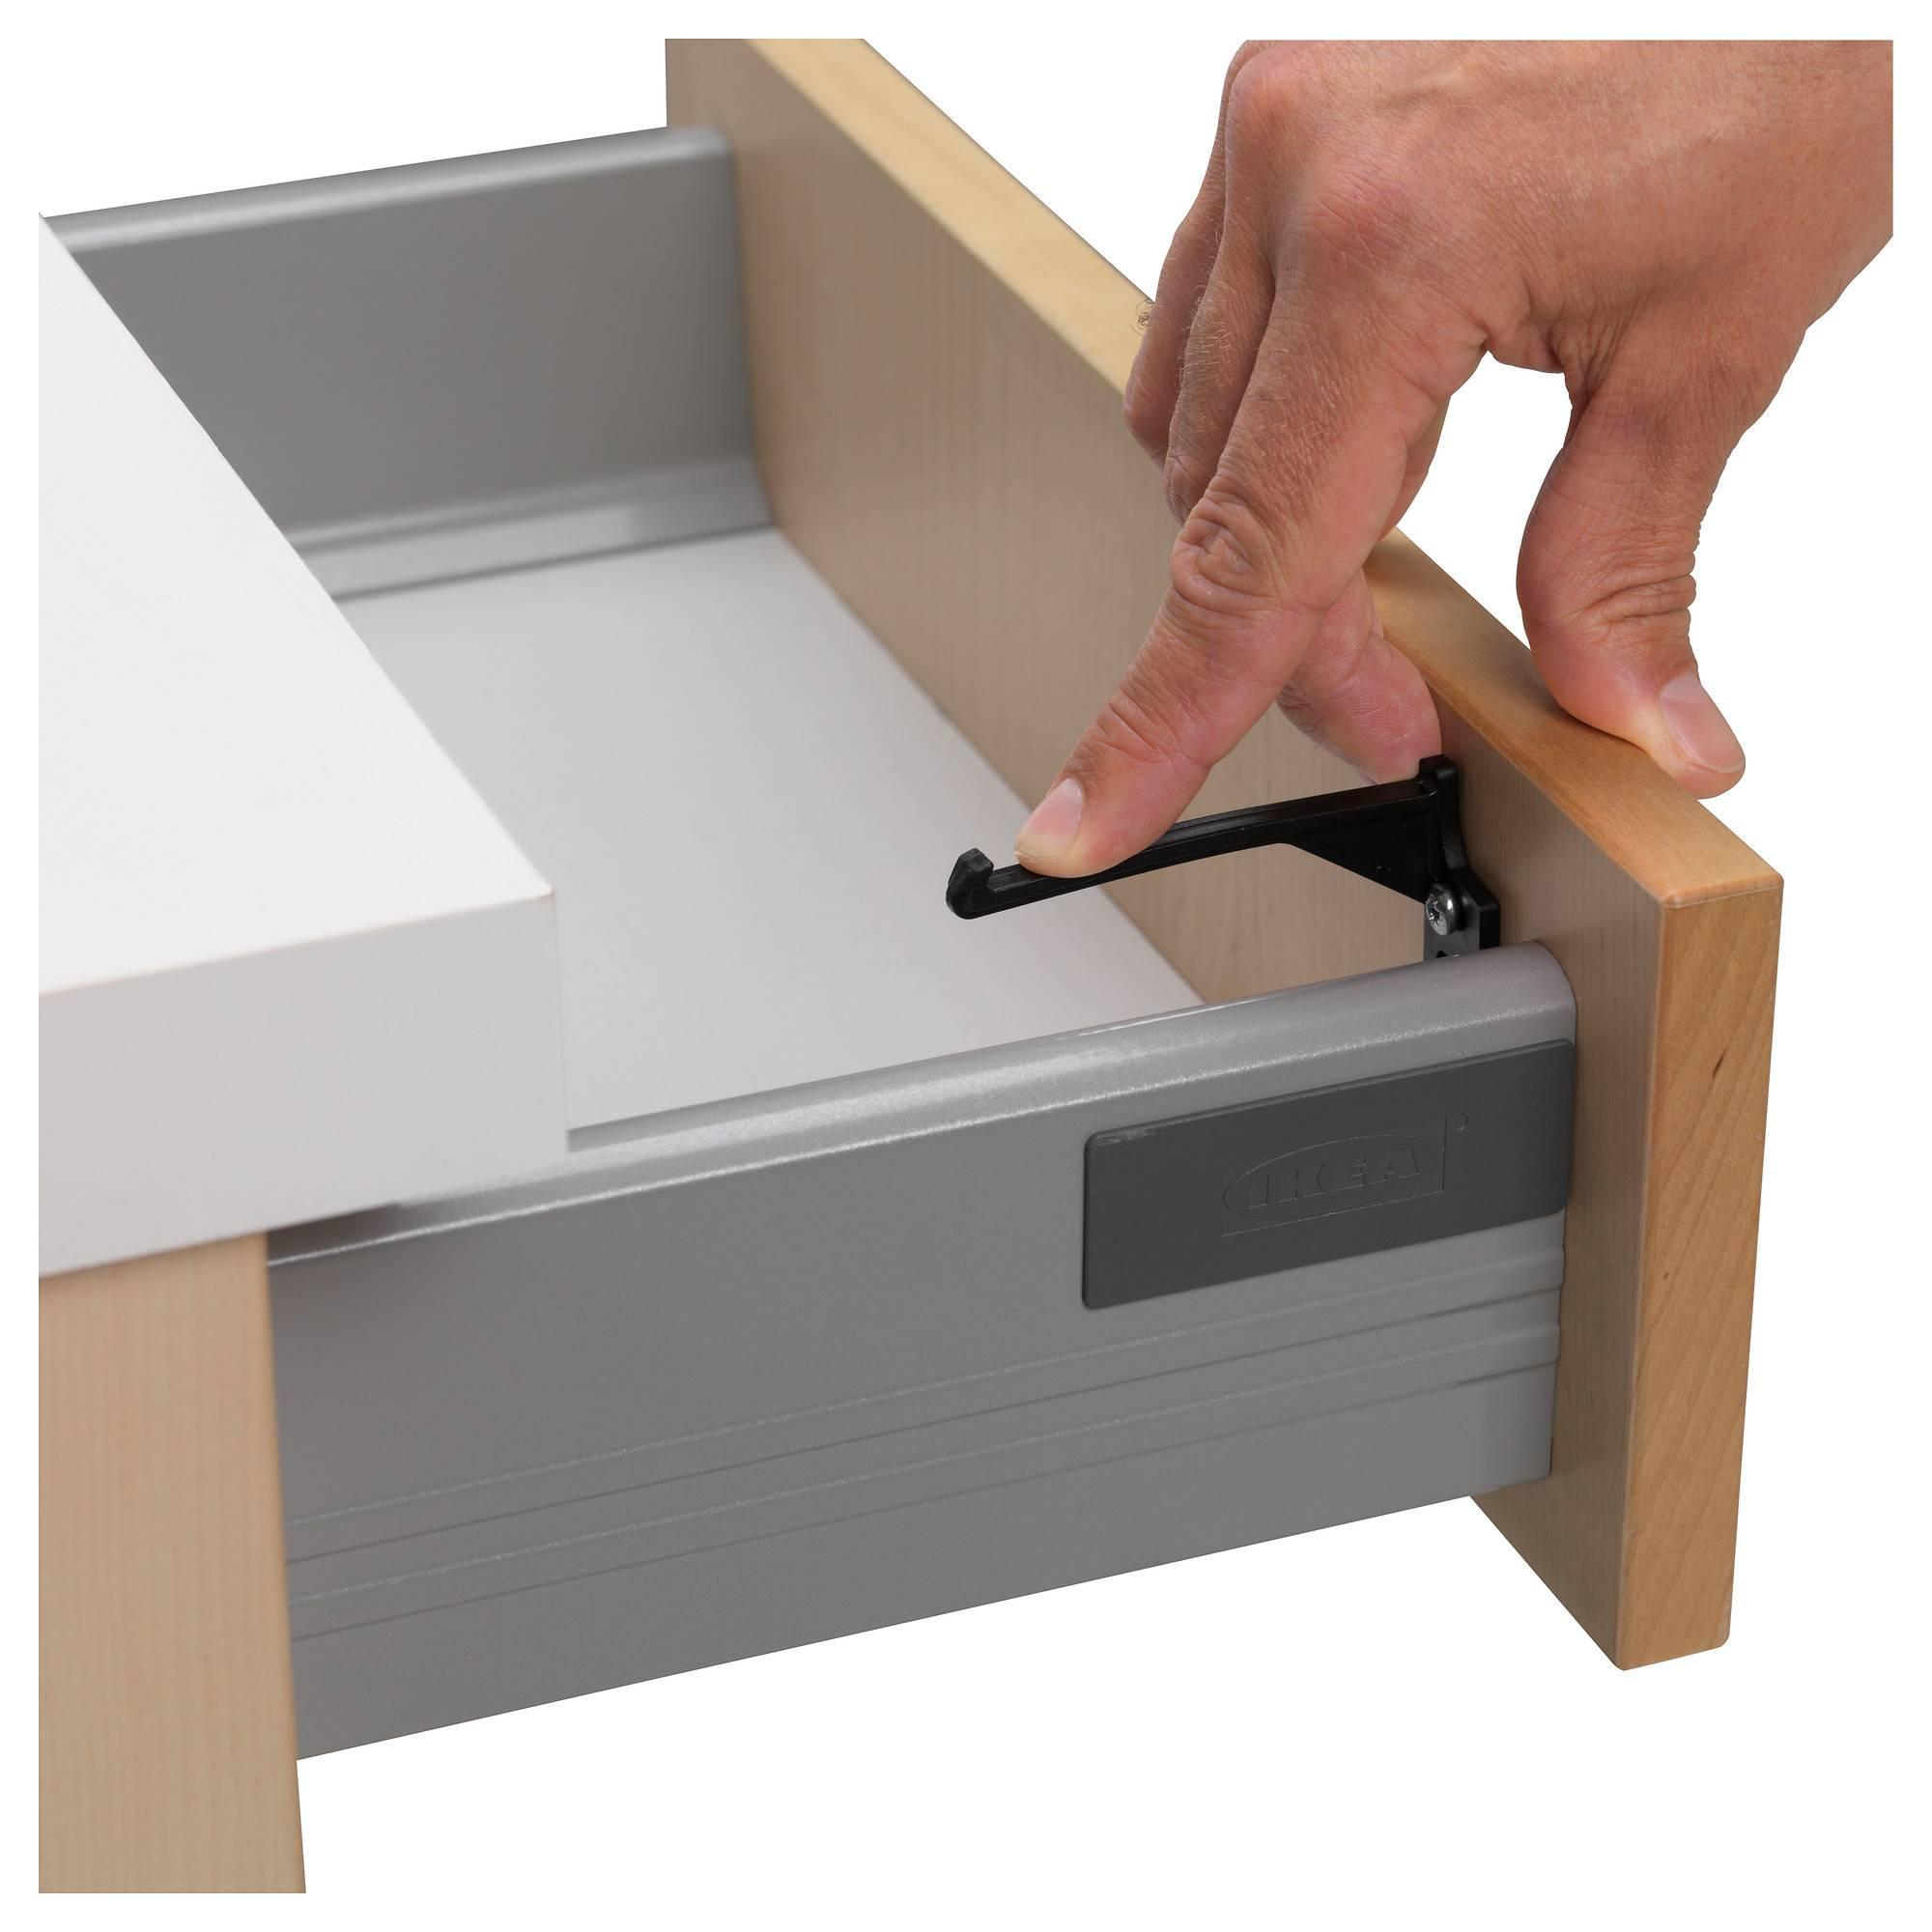 Невидимые защелки, для дверей для обеспечения безопасности детей, 4-12 замков + 1-3 ключа